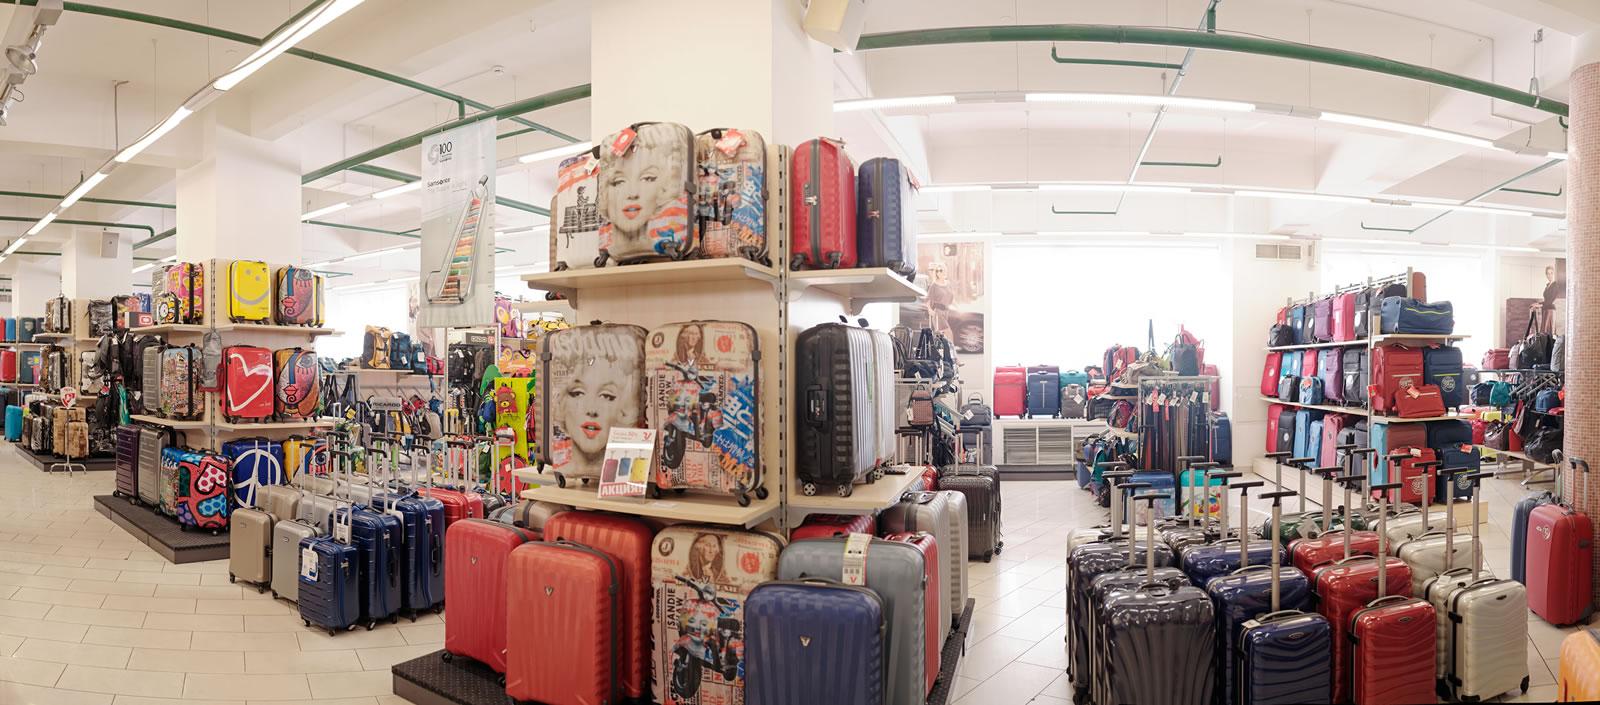 Робинзон магазин чемоданы сумки сумки дорожные адрес петербург